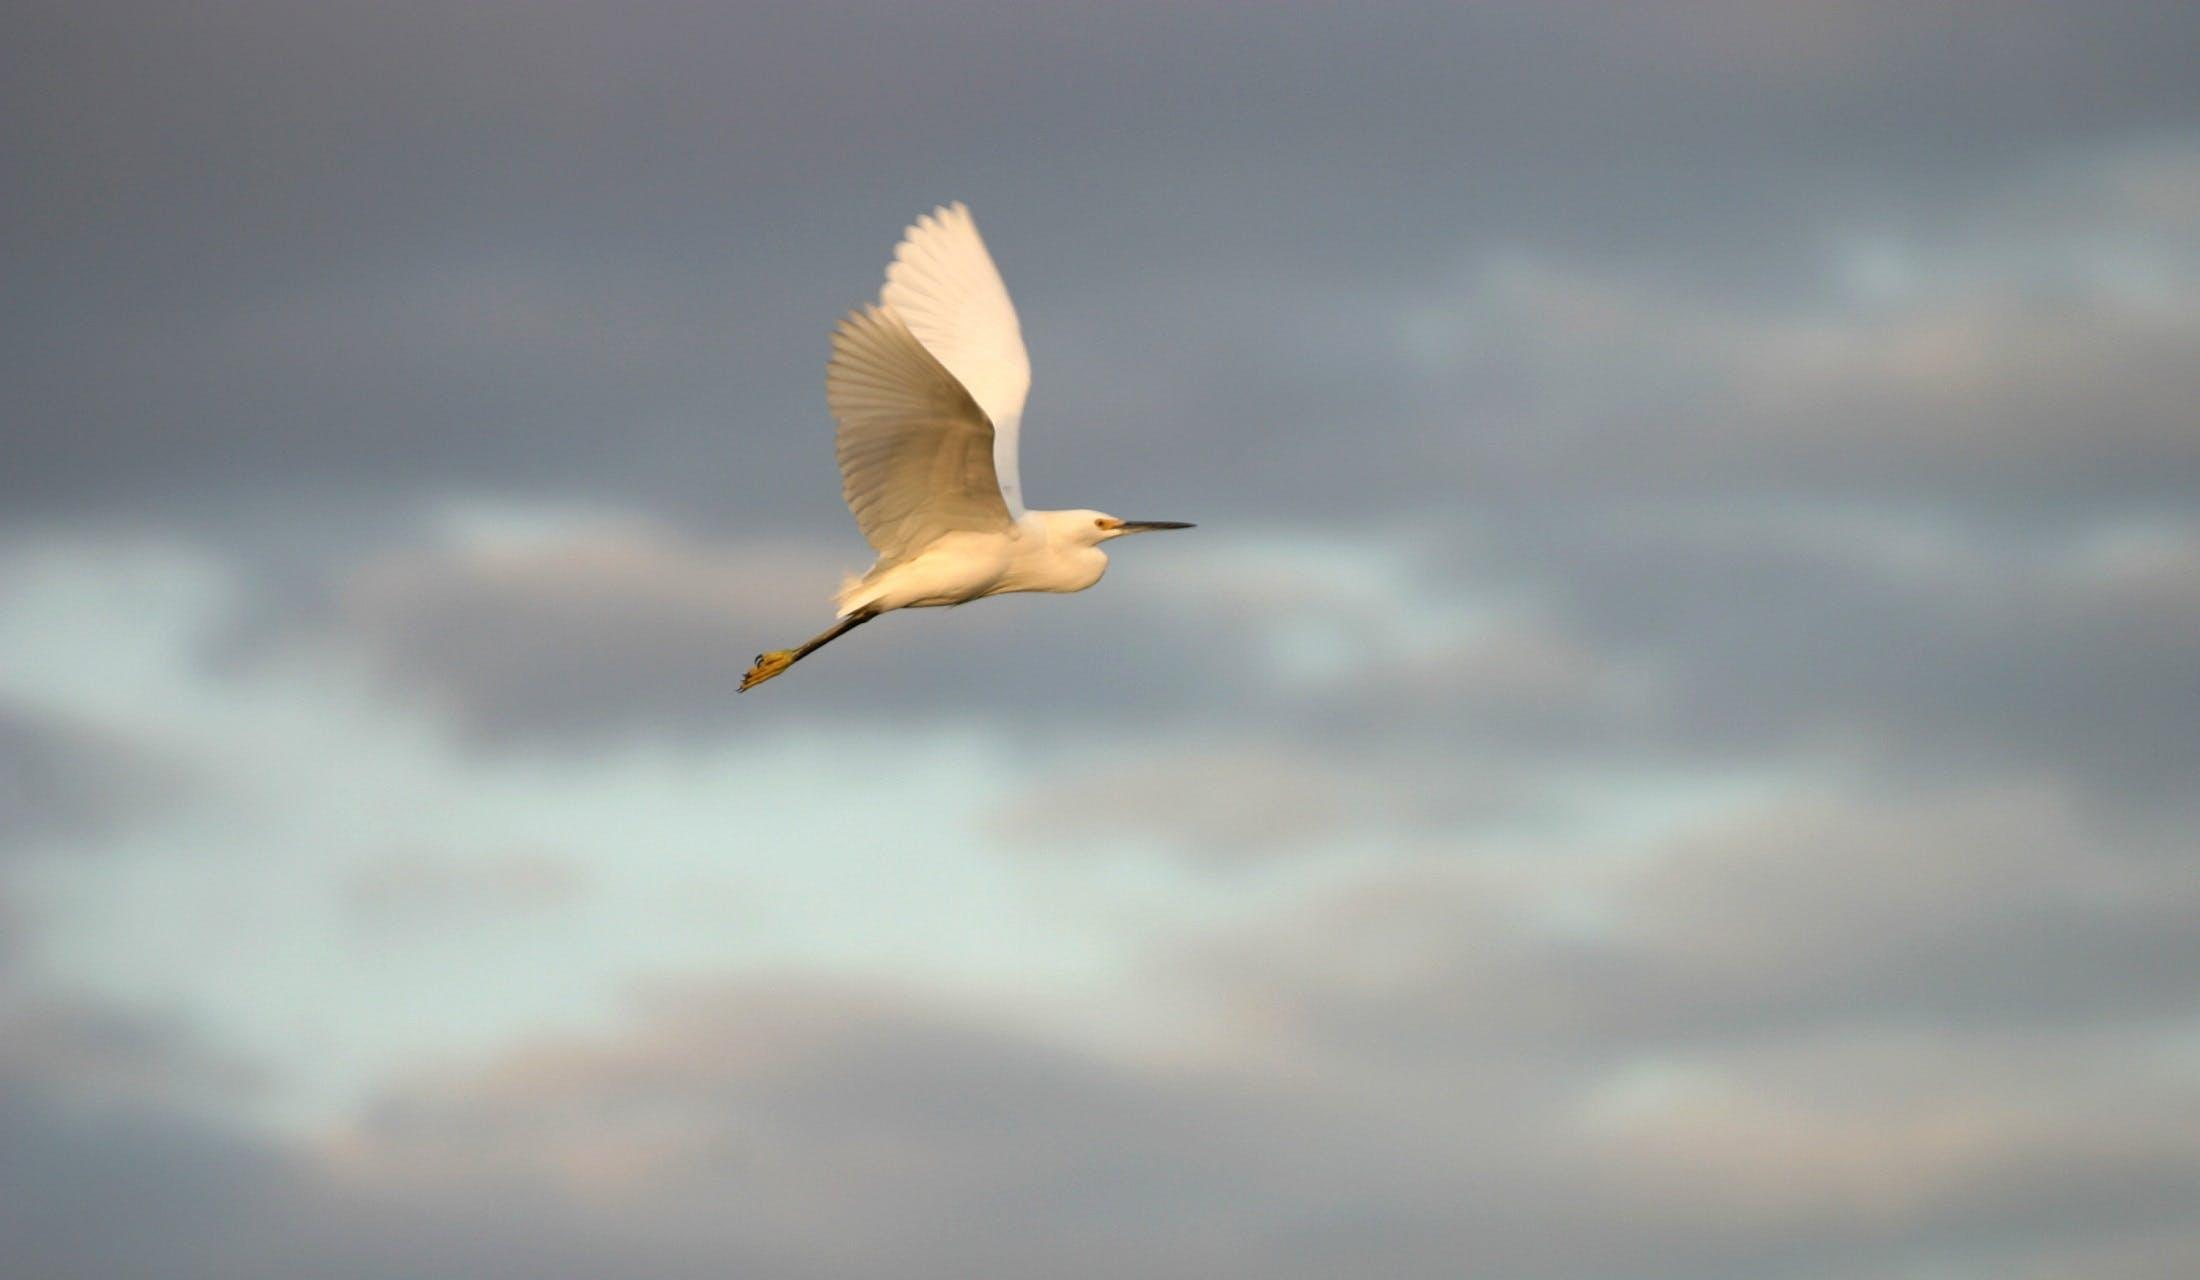 Gratis lagerfoto af dagslys, dyr, fjer, flyrejse